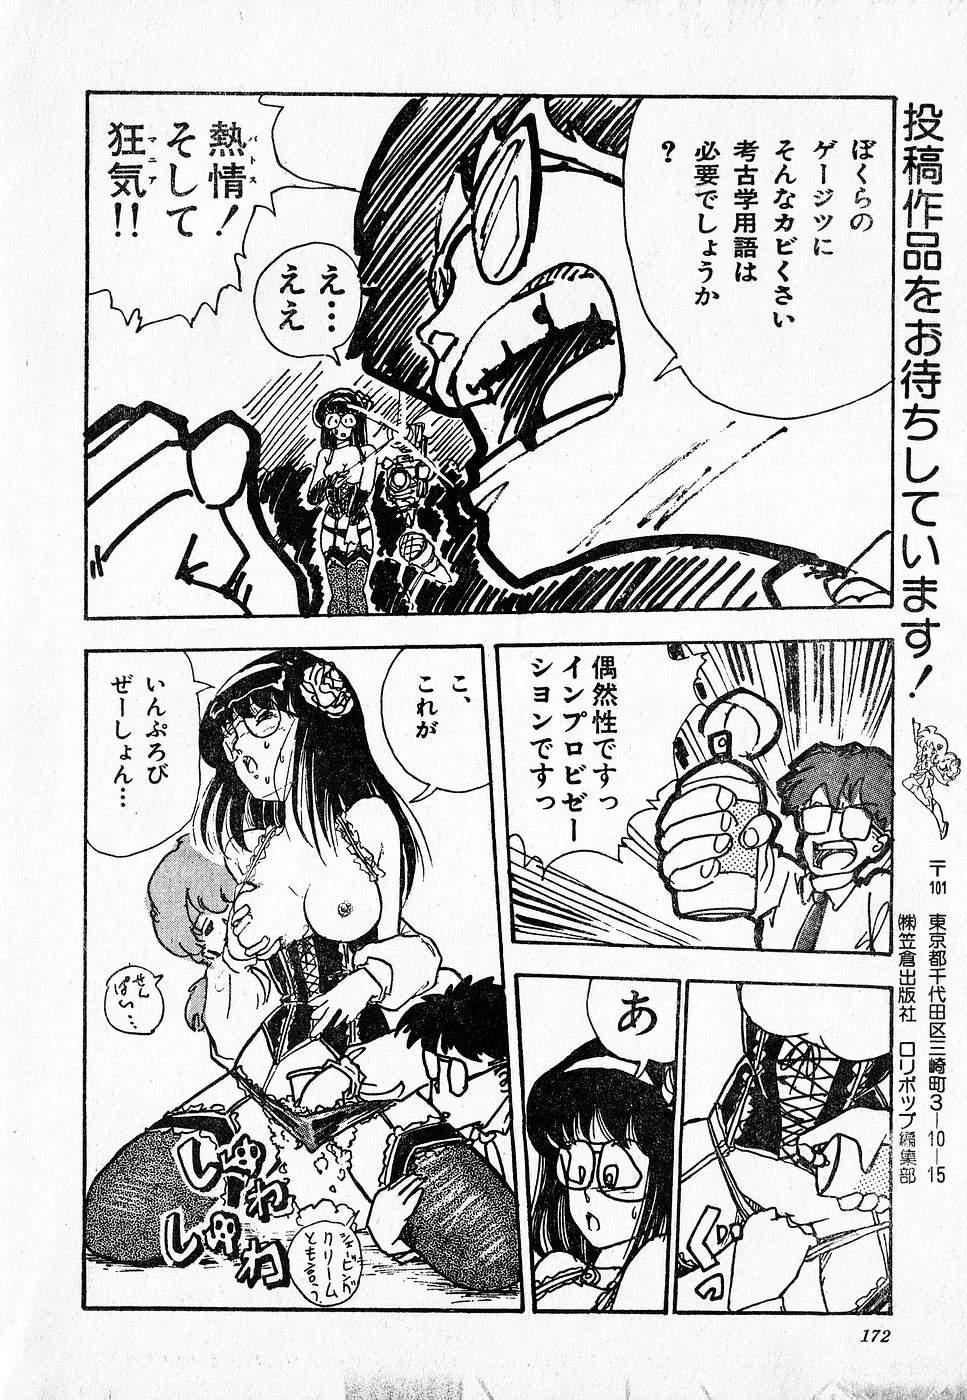 COMIC Lolipop 1985-10 Soukanjunbigou Aki 171